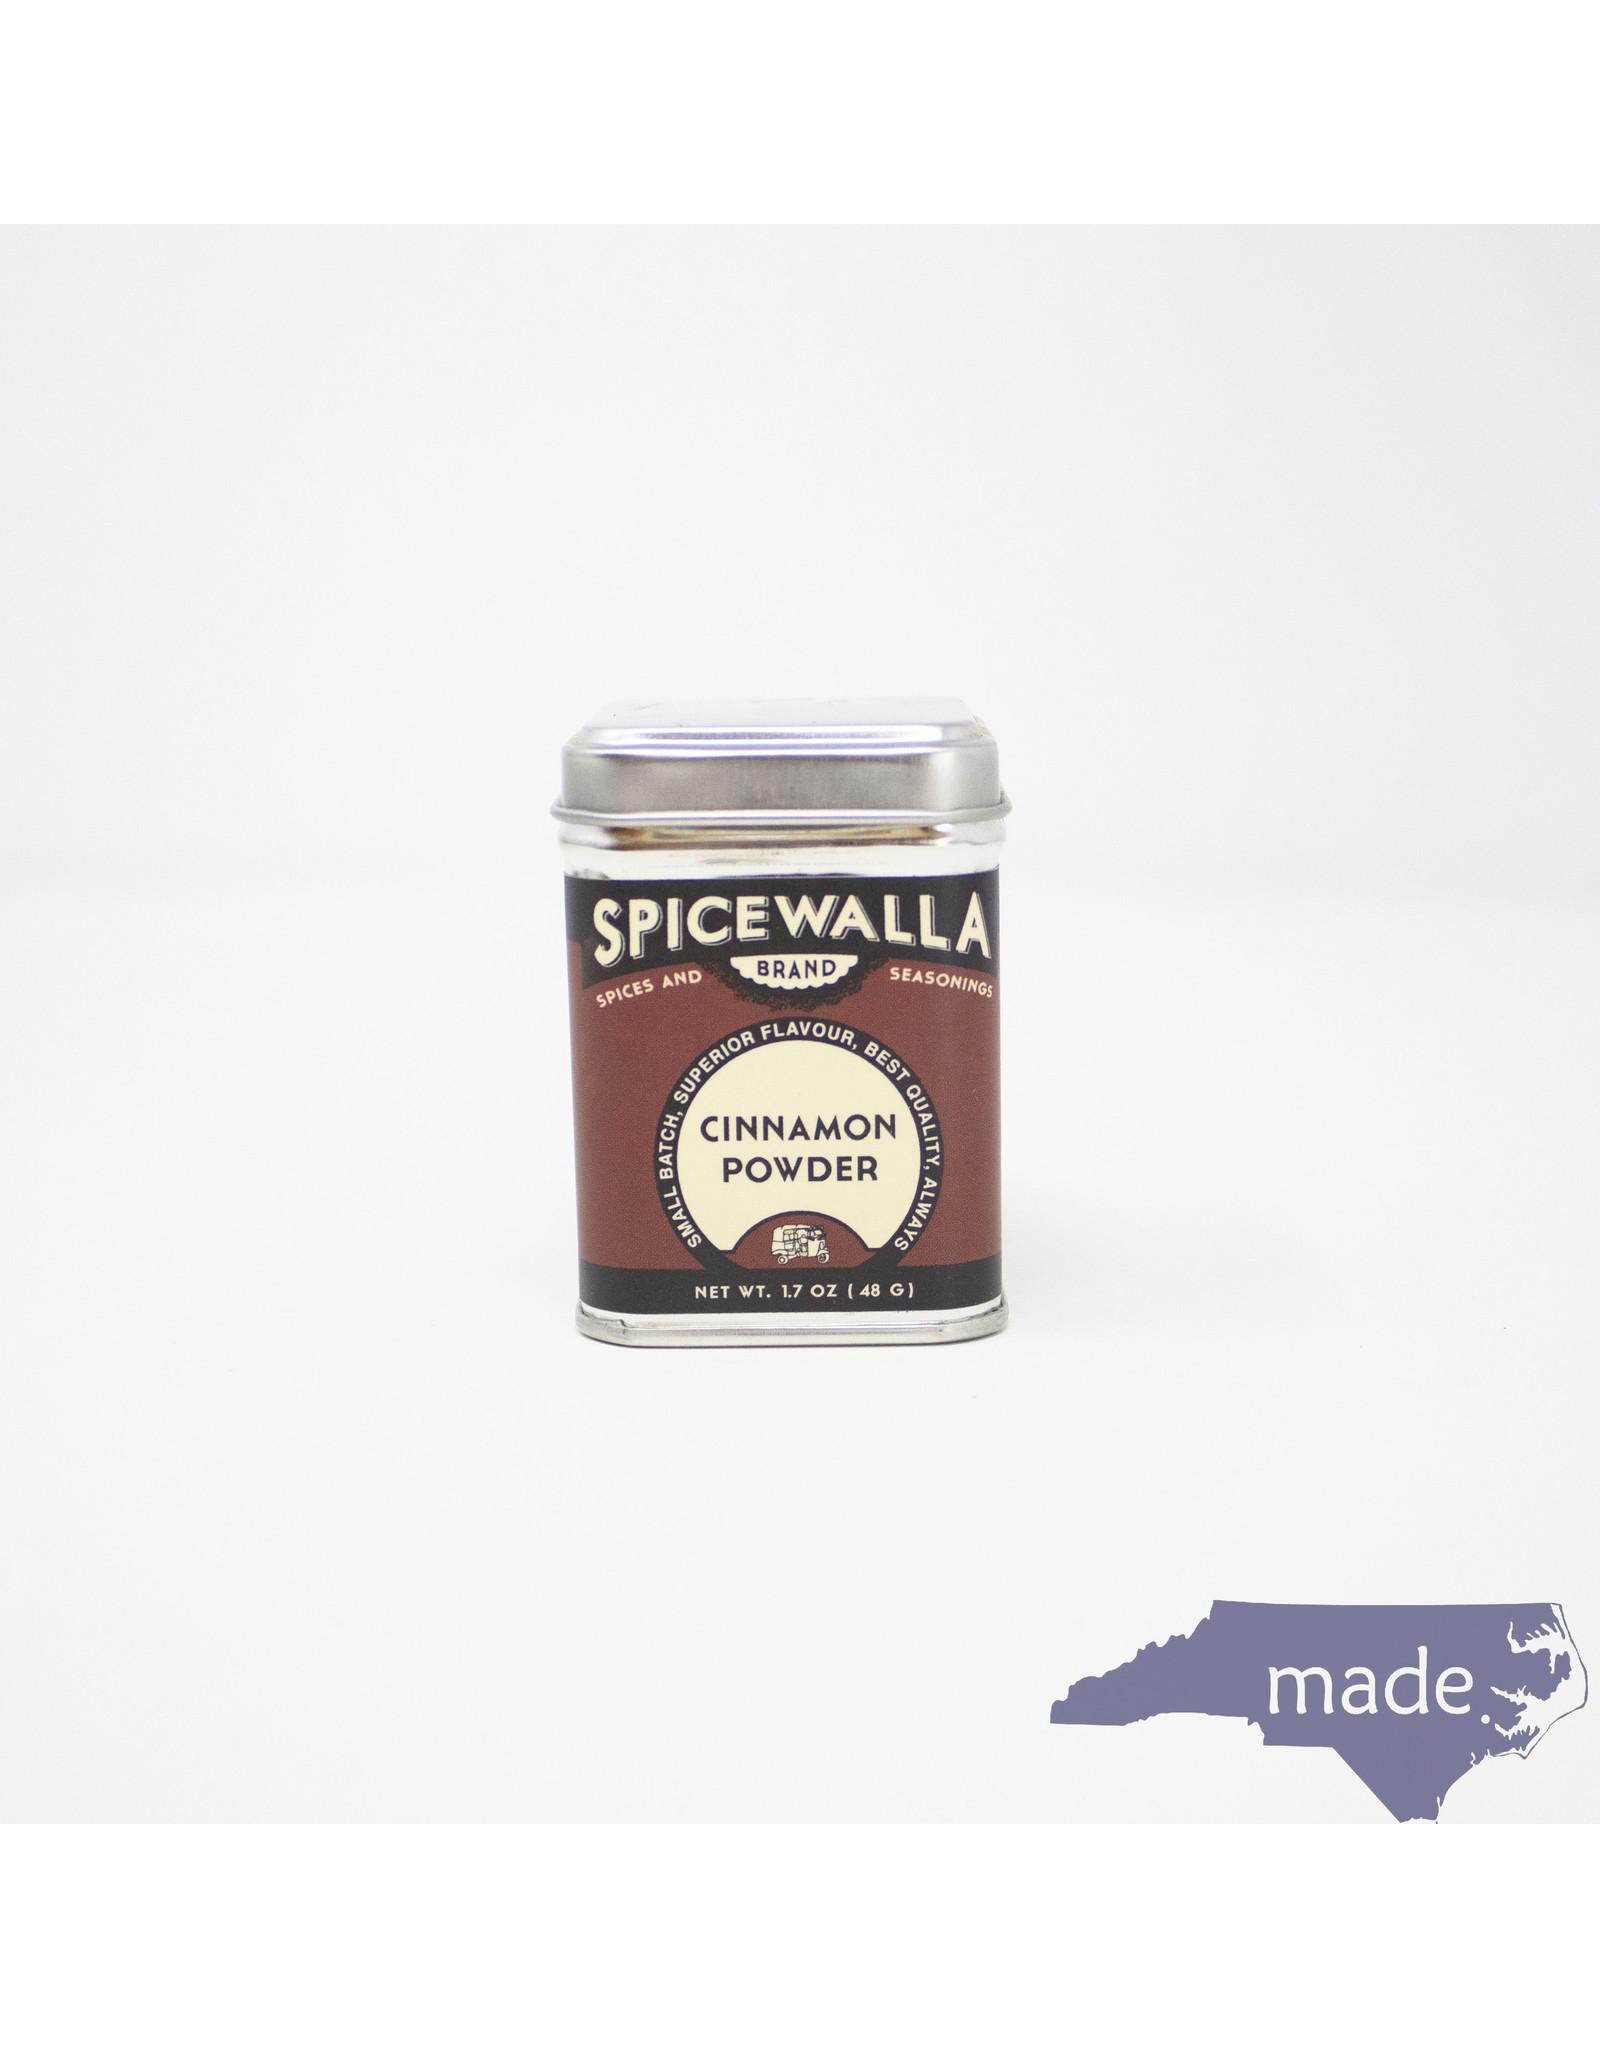 Spicewalla Cinnamon Powder - Spicewalla